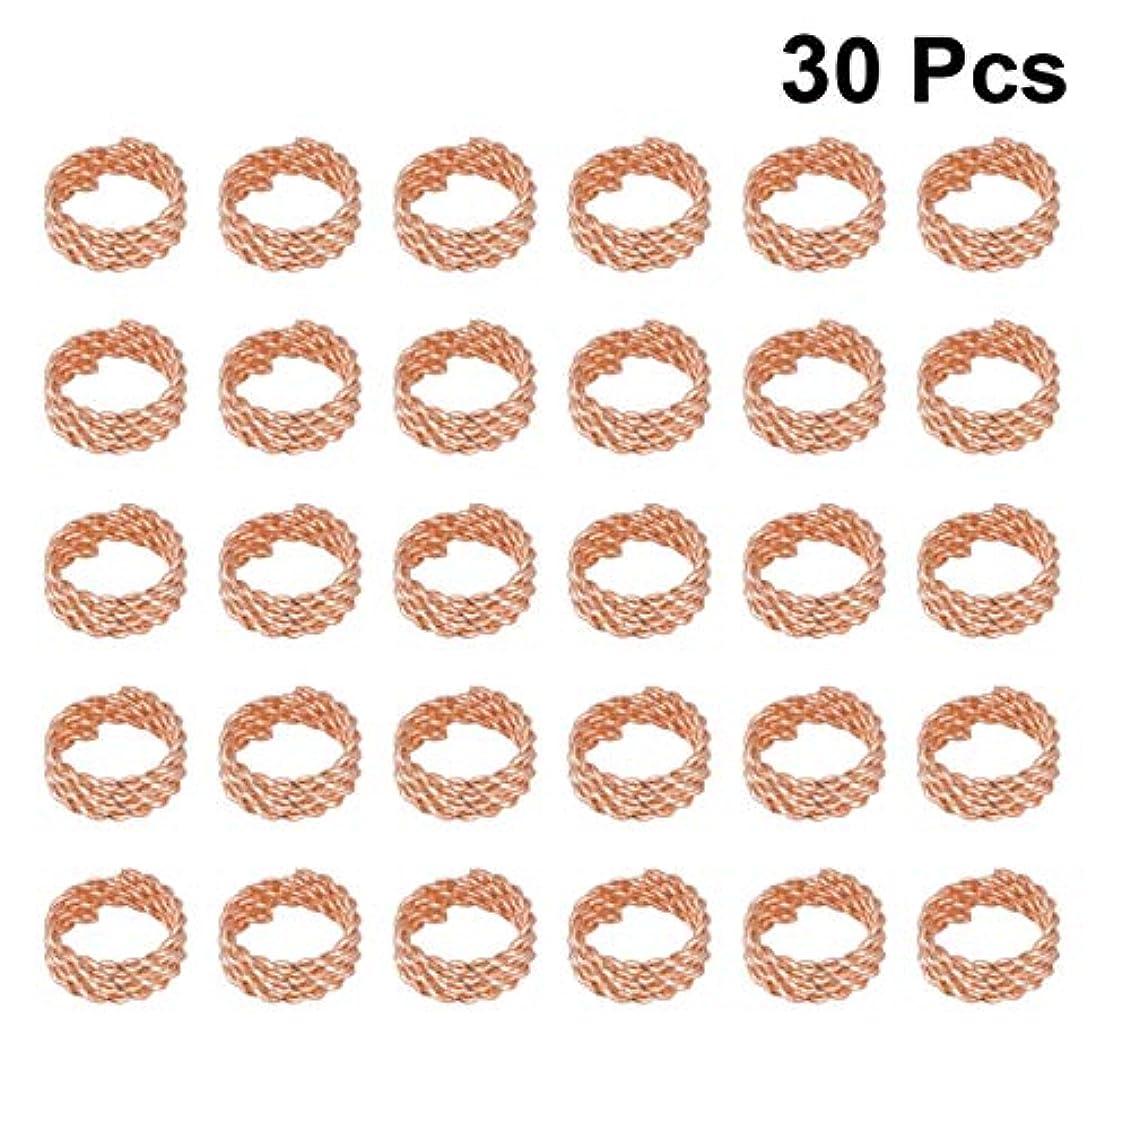 トレッド平等会社Healifty 30ピースドレッドロックスビーズメタルヘアブレードリングエクステンションクリンプウィッグカフスクリップ編組ヘアジュエリーアクセサリー用女性男性(ローズゴールド)